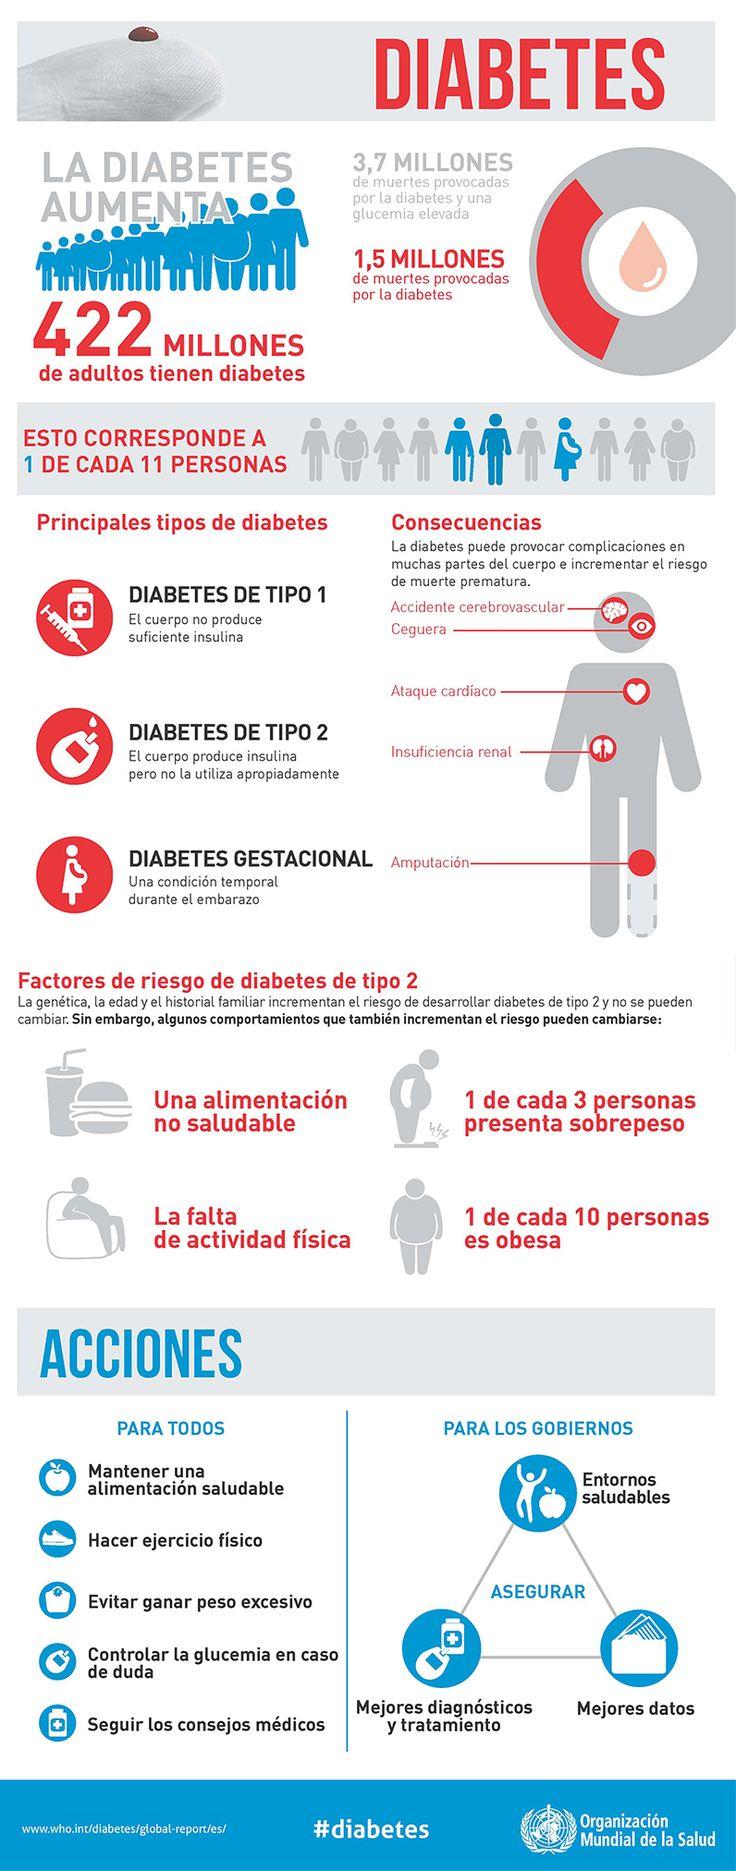 """Infografía """"Diabetes"""" sobre el informe mundial de la OMS (2016). Difundida por la OMS (Organización Mundial de la Salud) basada en su Informe mundial sobre la diabetes (2016). Autor: OMS (Organización Mundial de la Salud)"""